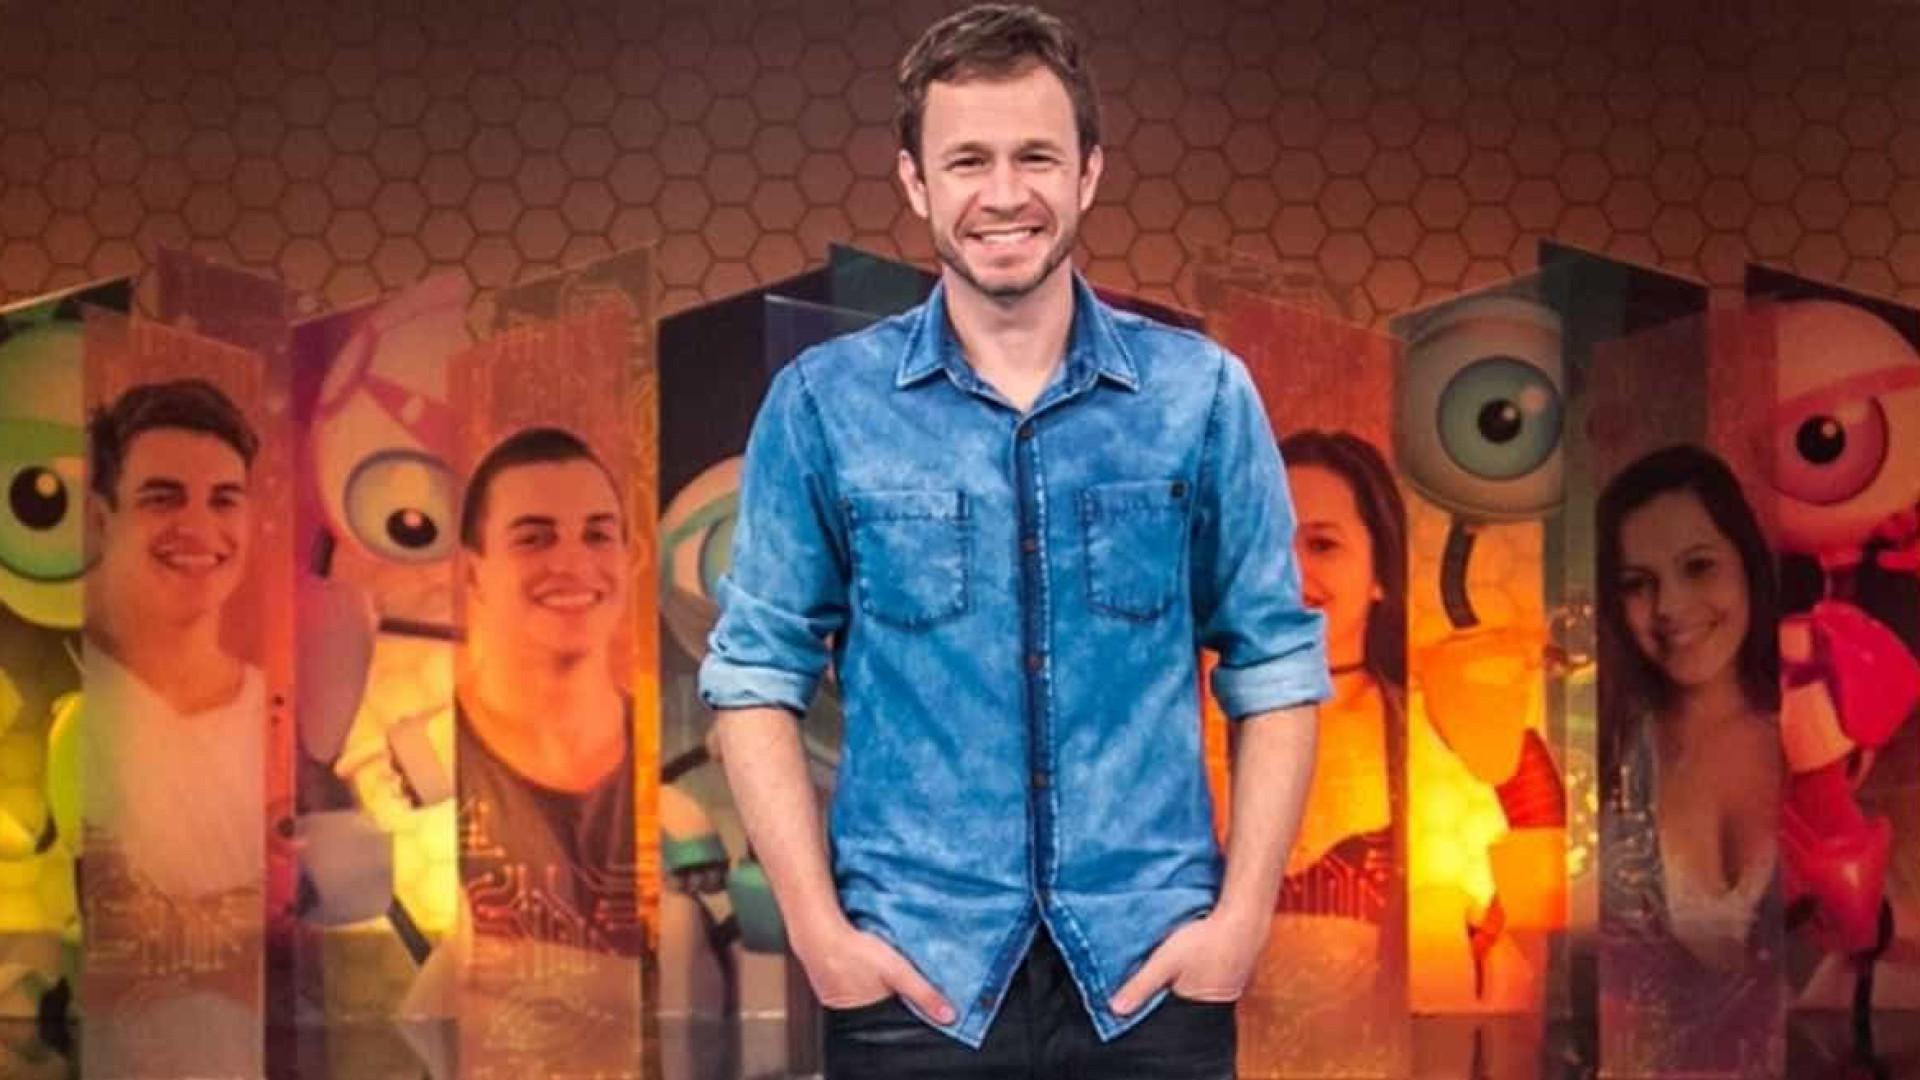 Globo cobra quase R$ 600 mil por comerciais de trinta segundos no 'BBB'